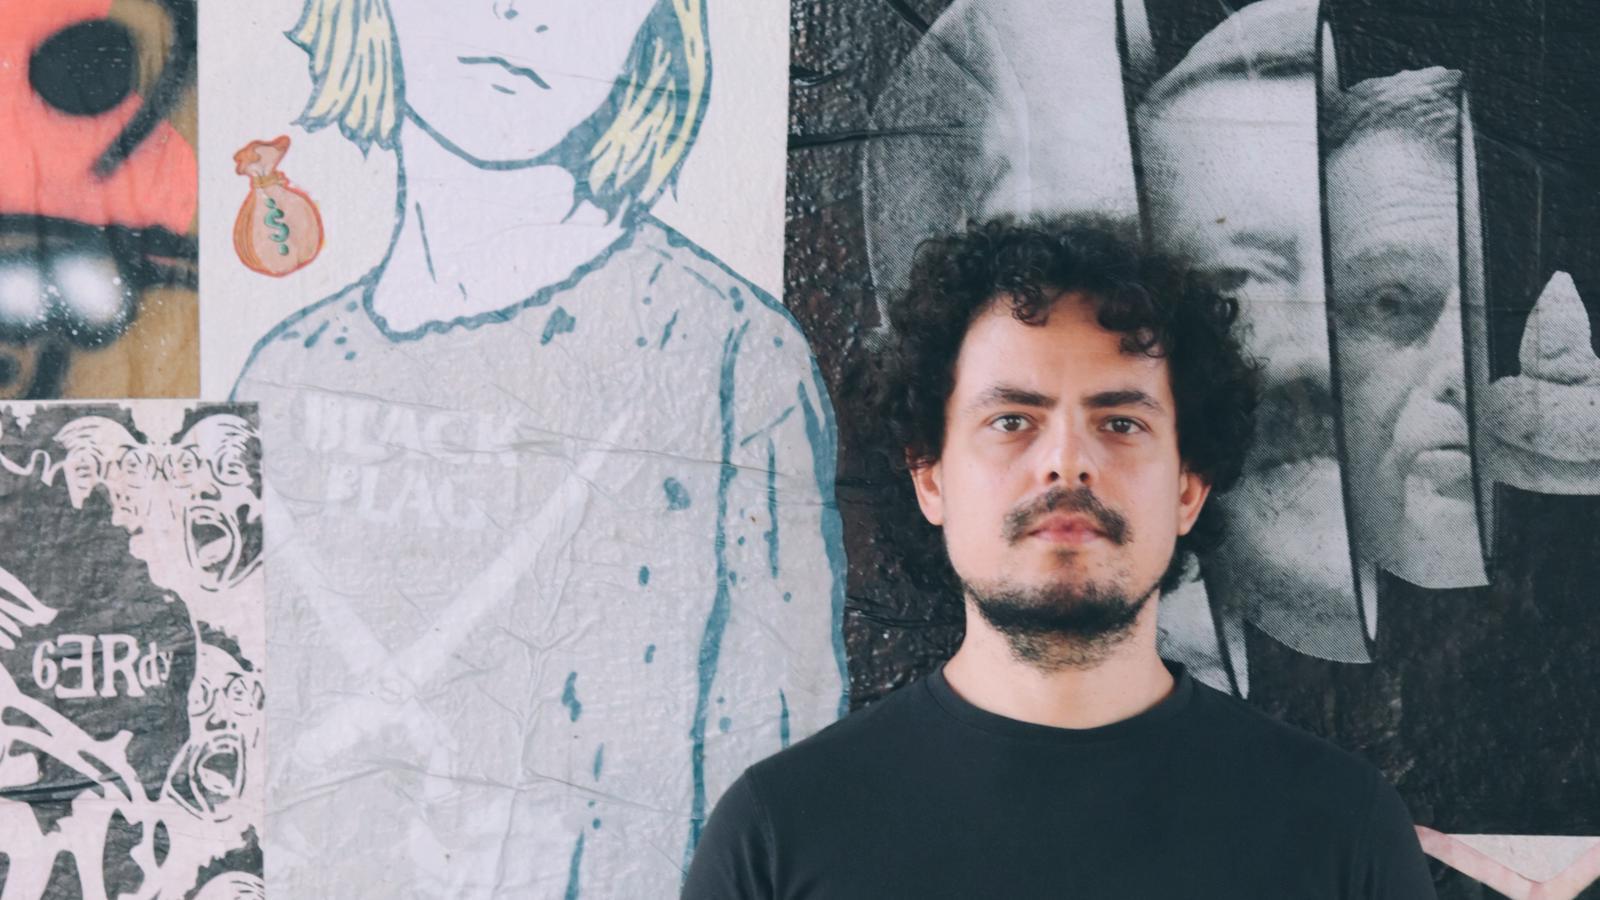 Festival Lambesgoia cria mural de lambe-lambes no Centro de Goiânia